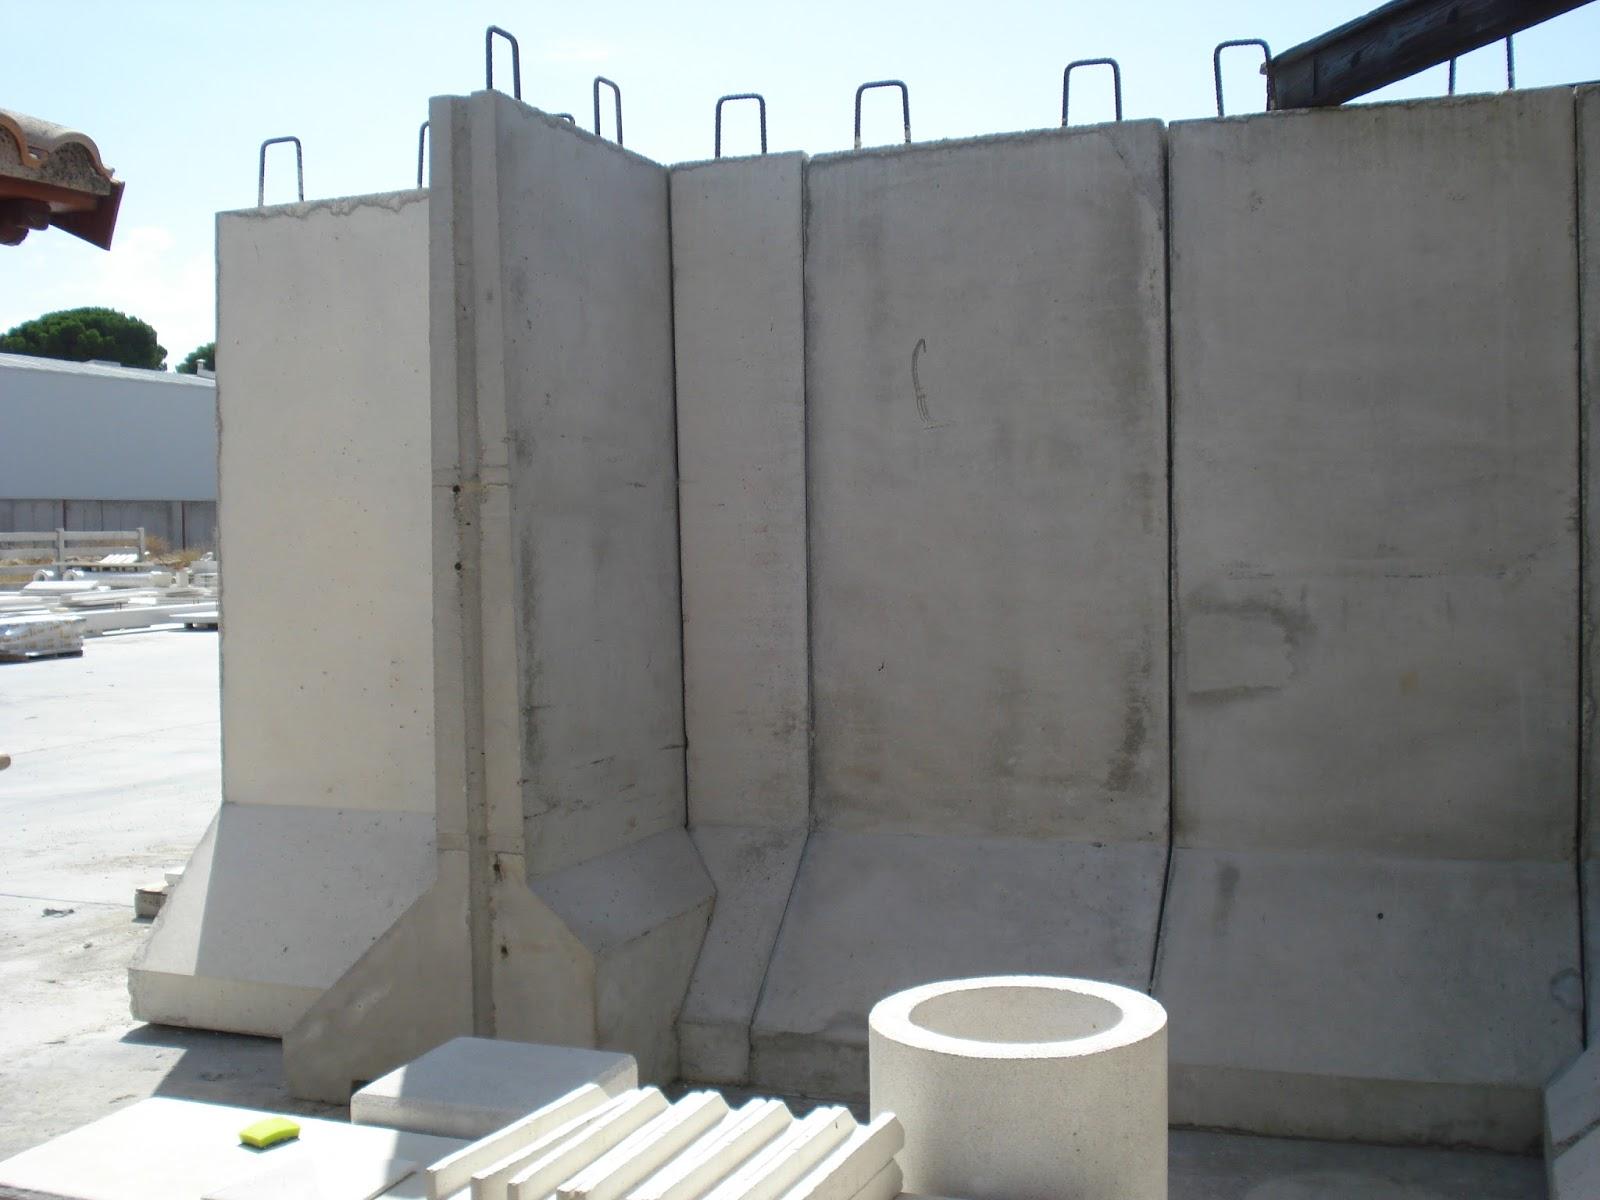 Fabricantes separadores de hormig n prefabricados de - Hormigon prefabricado precio ...